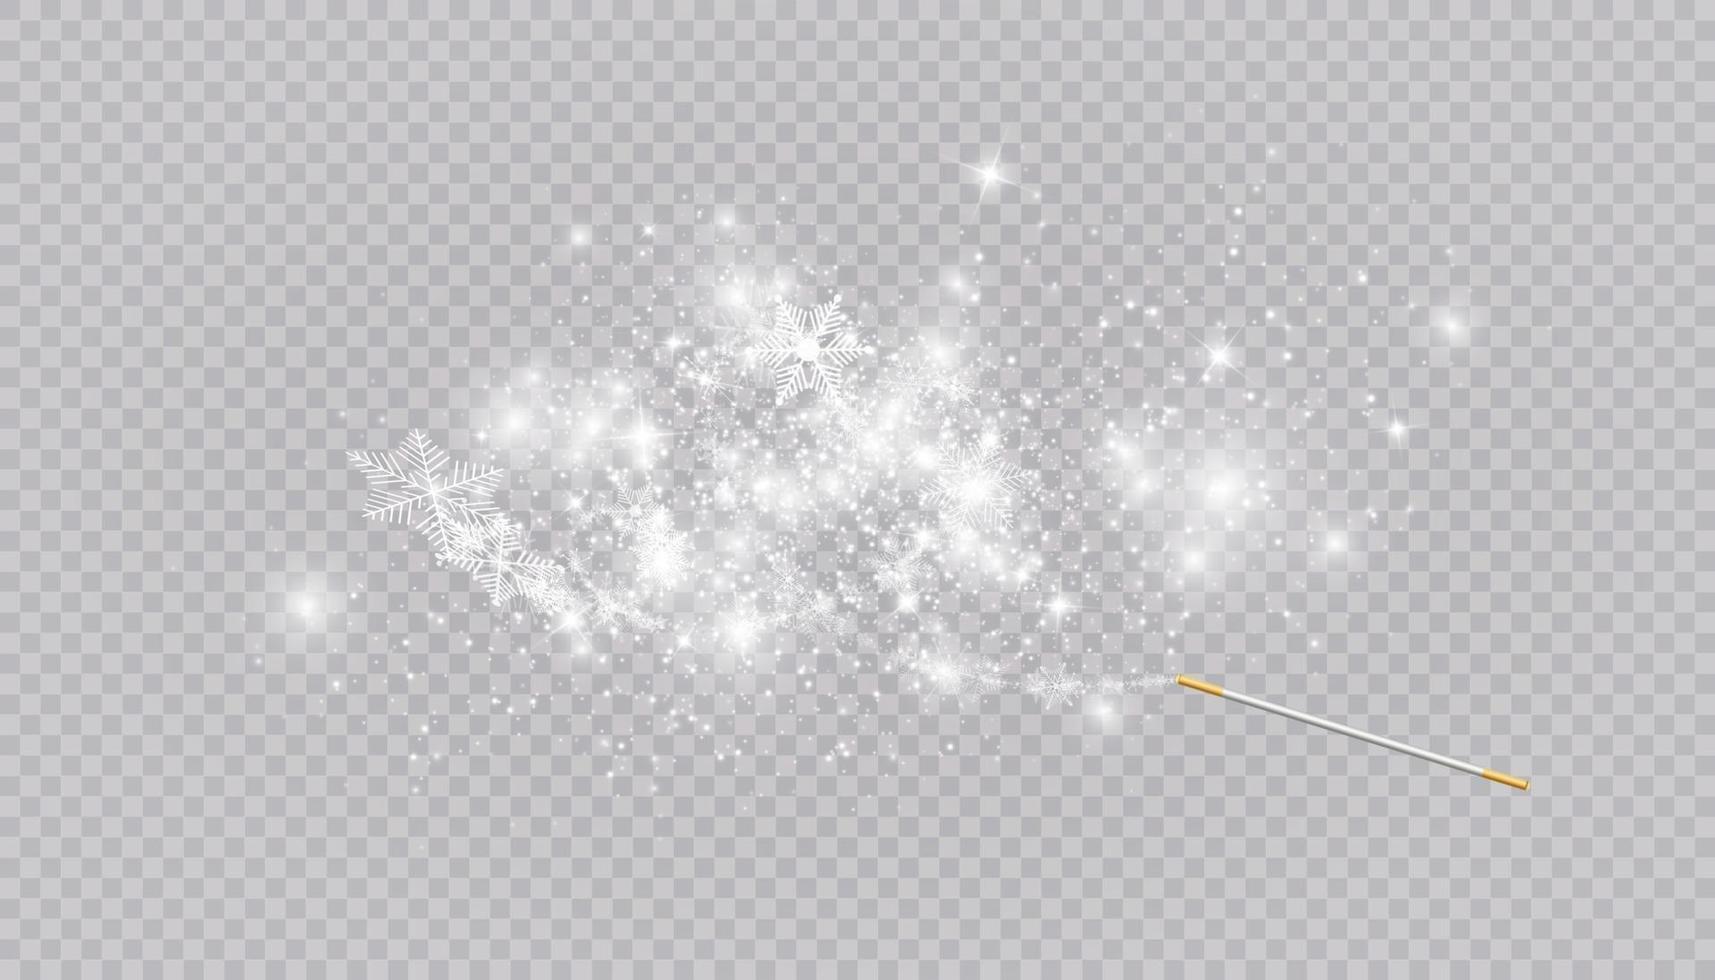 toverstaf met hartvormige sneeuwvlokken in een vlakke stijl in doorlopende tekenlijnen. spoor van wit stof. magische abstracte achtergrond geïsoleerd. wonder en magie. vector